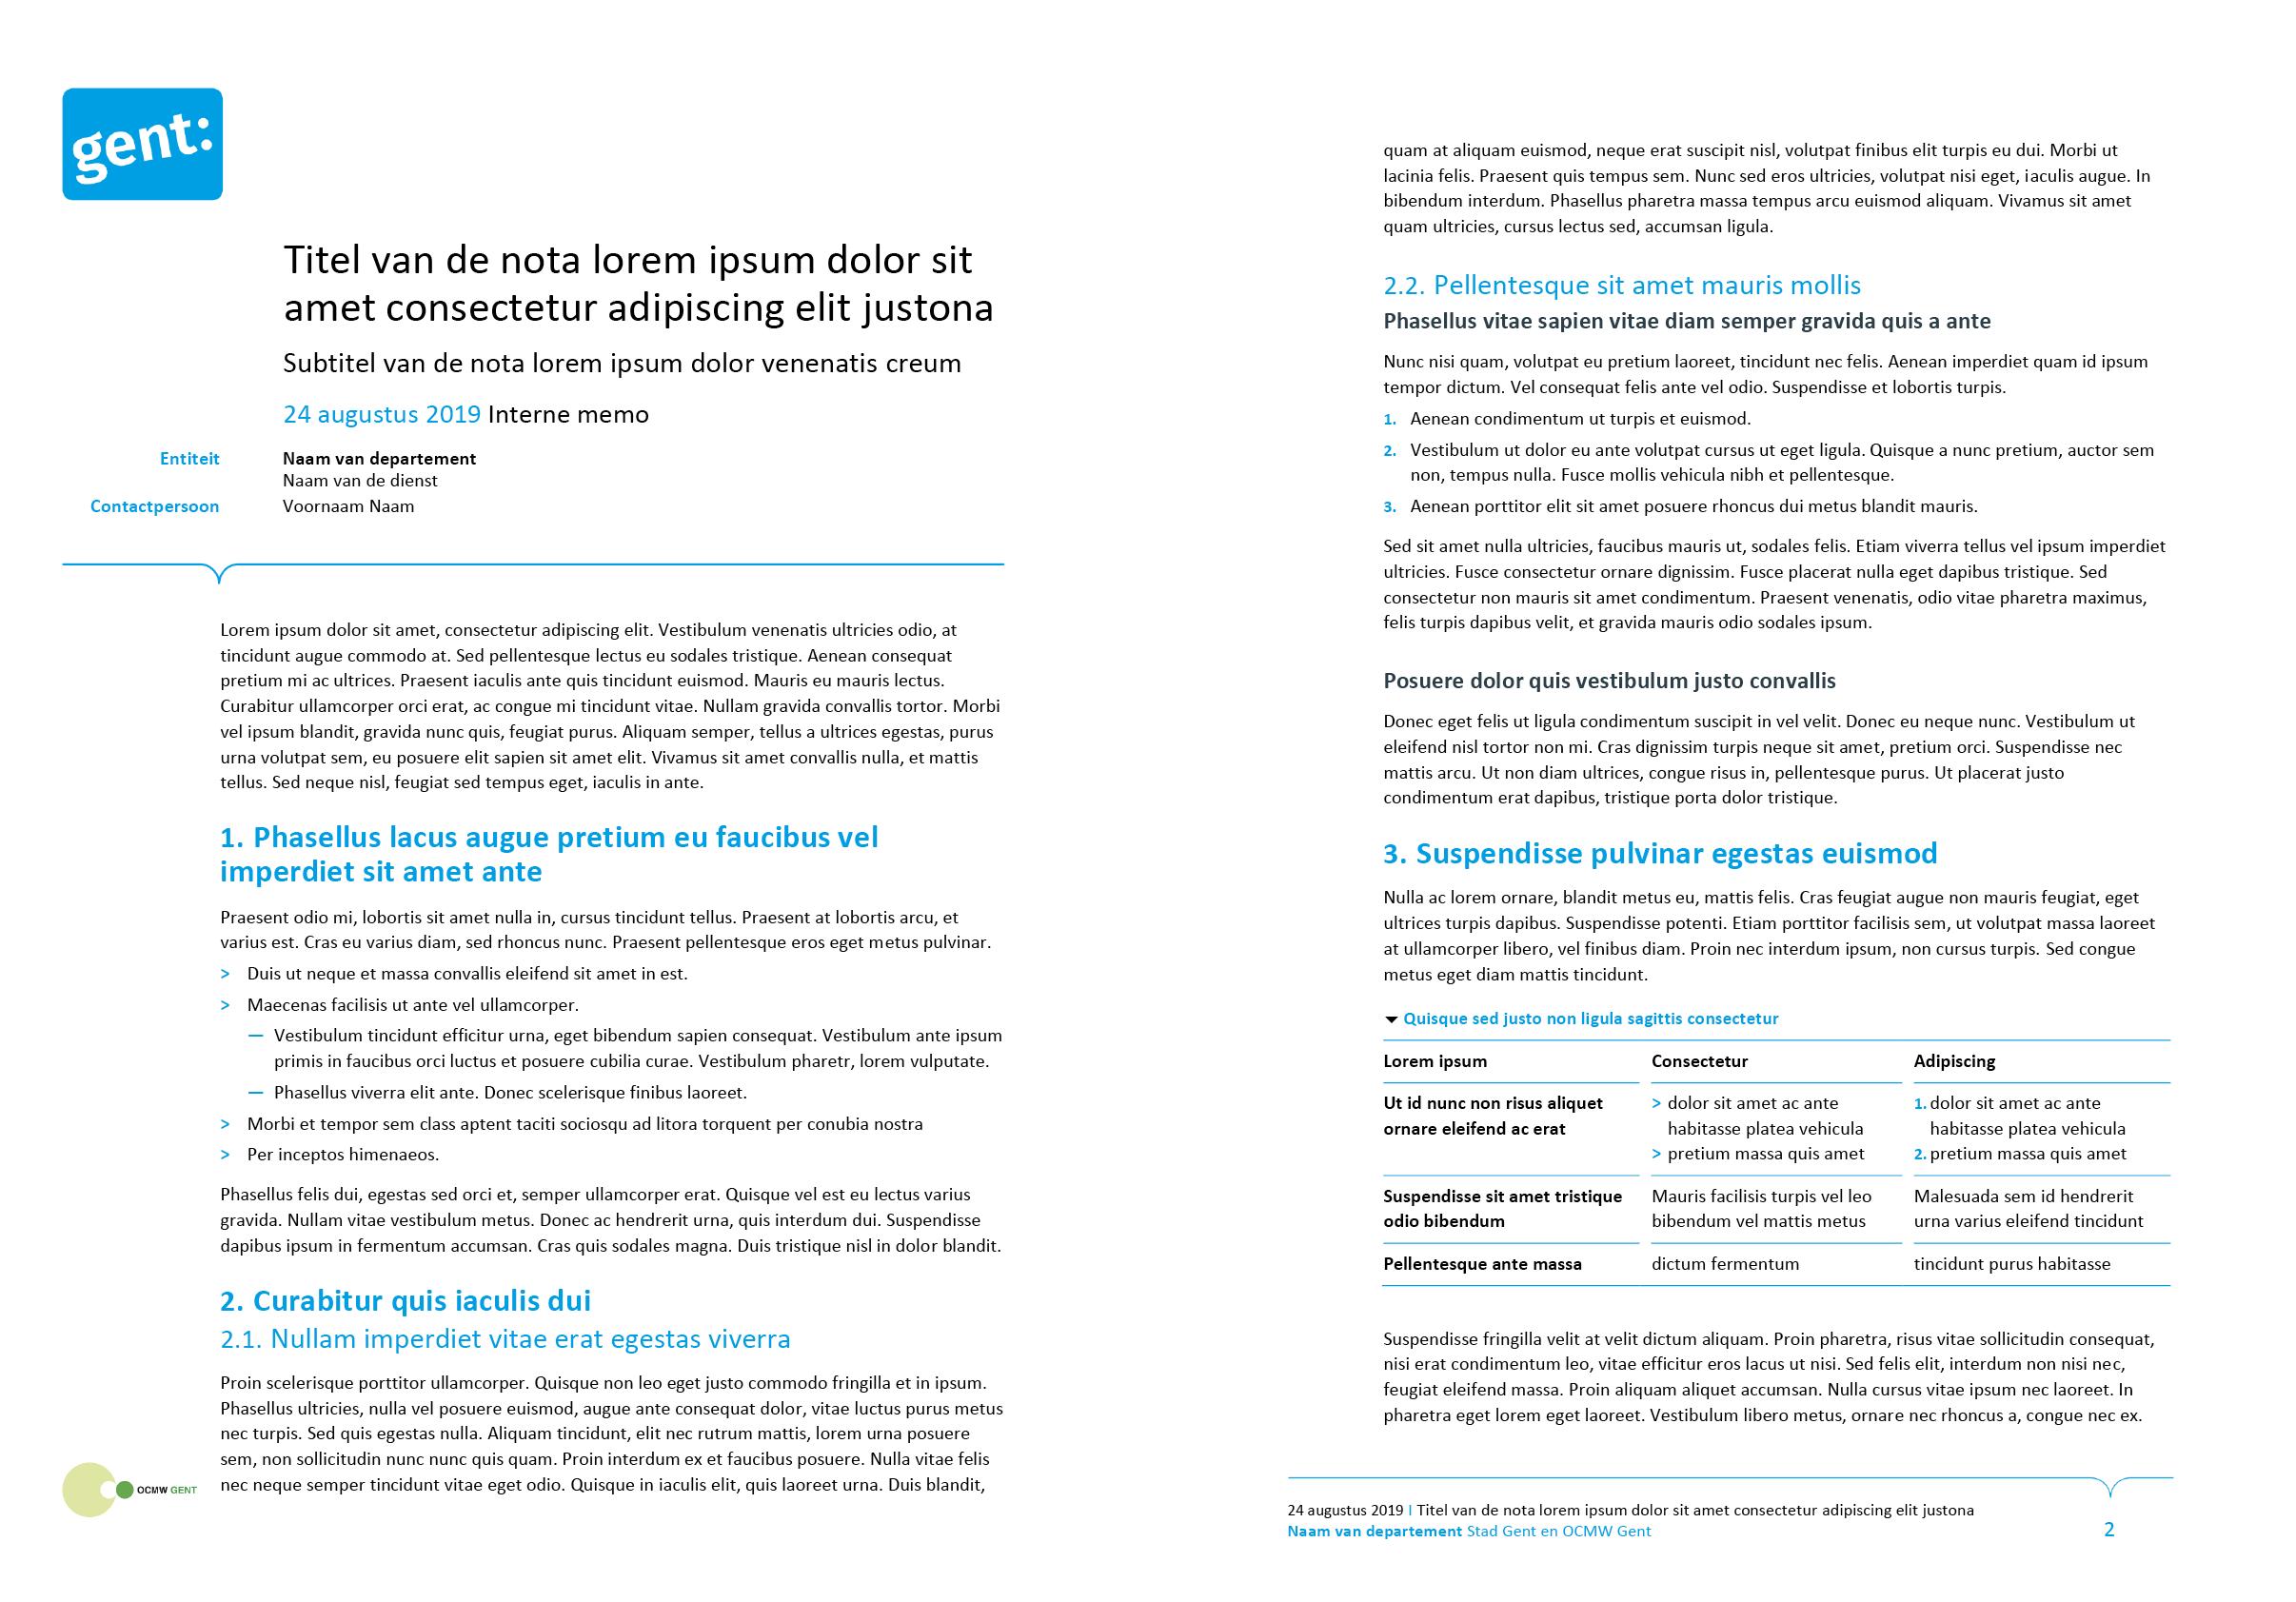 Nota, gepersonaliseerd voor het submerk OCMW (ingevuld). Microsoft Word-sjabloon voor de Stad Gent.